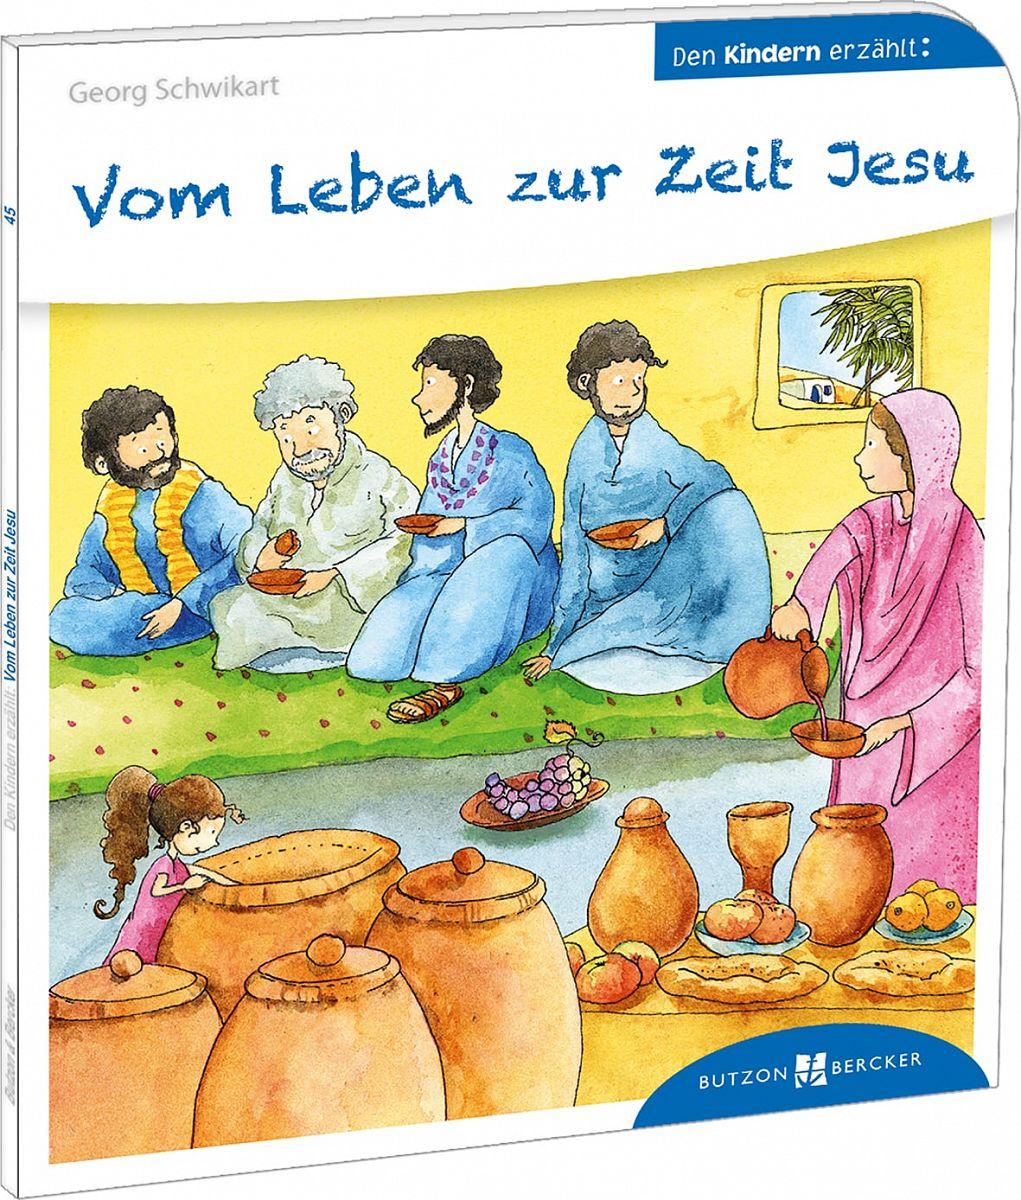 Den Kindern erzählt - Vom Leben zur Zeit Jesu, Georg Schwikart